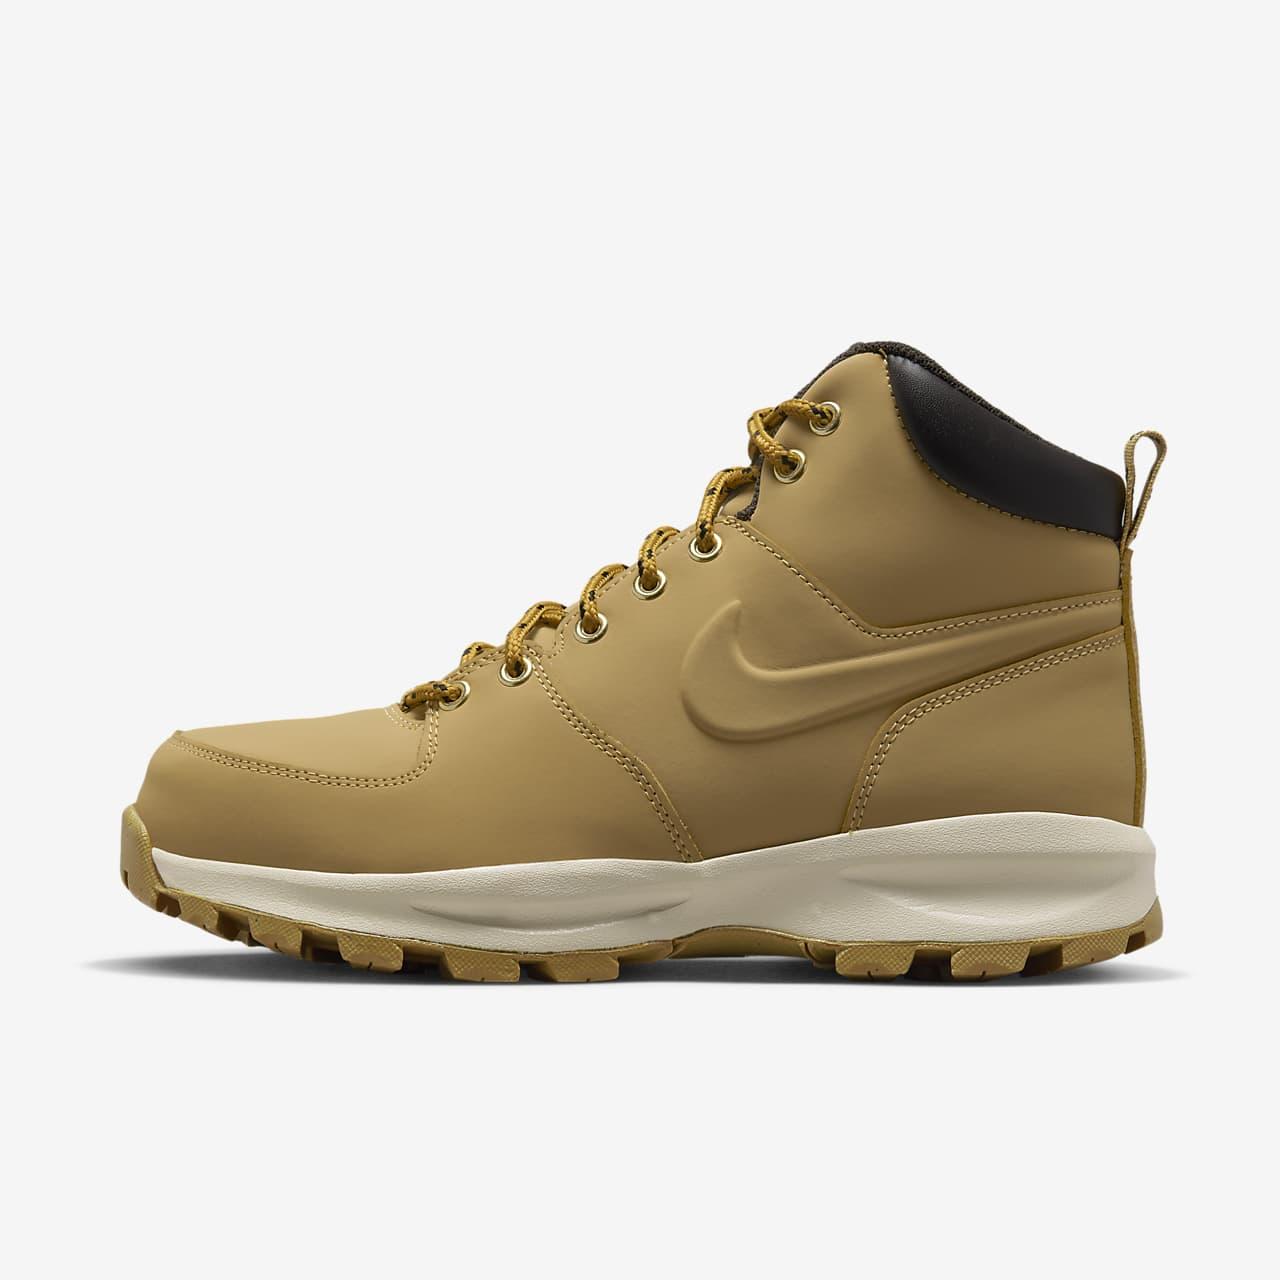 Buty męskie Nike Manoa